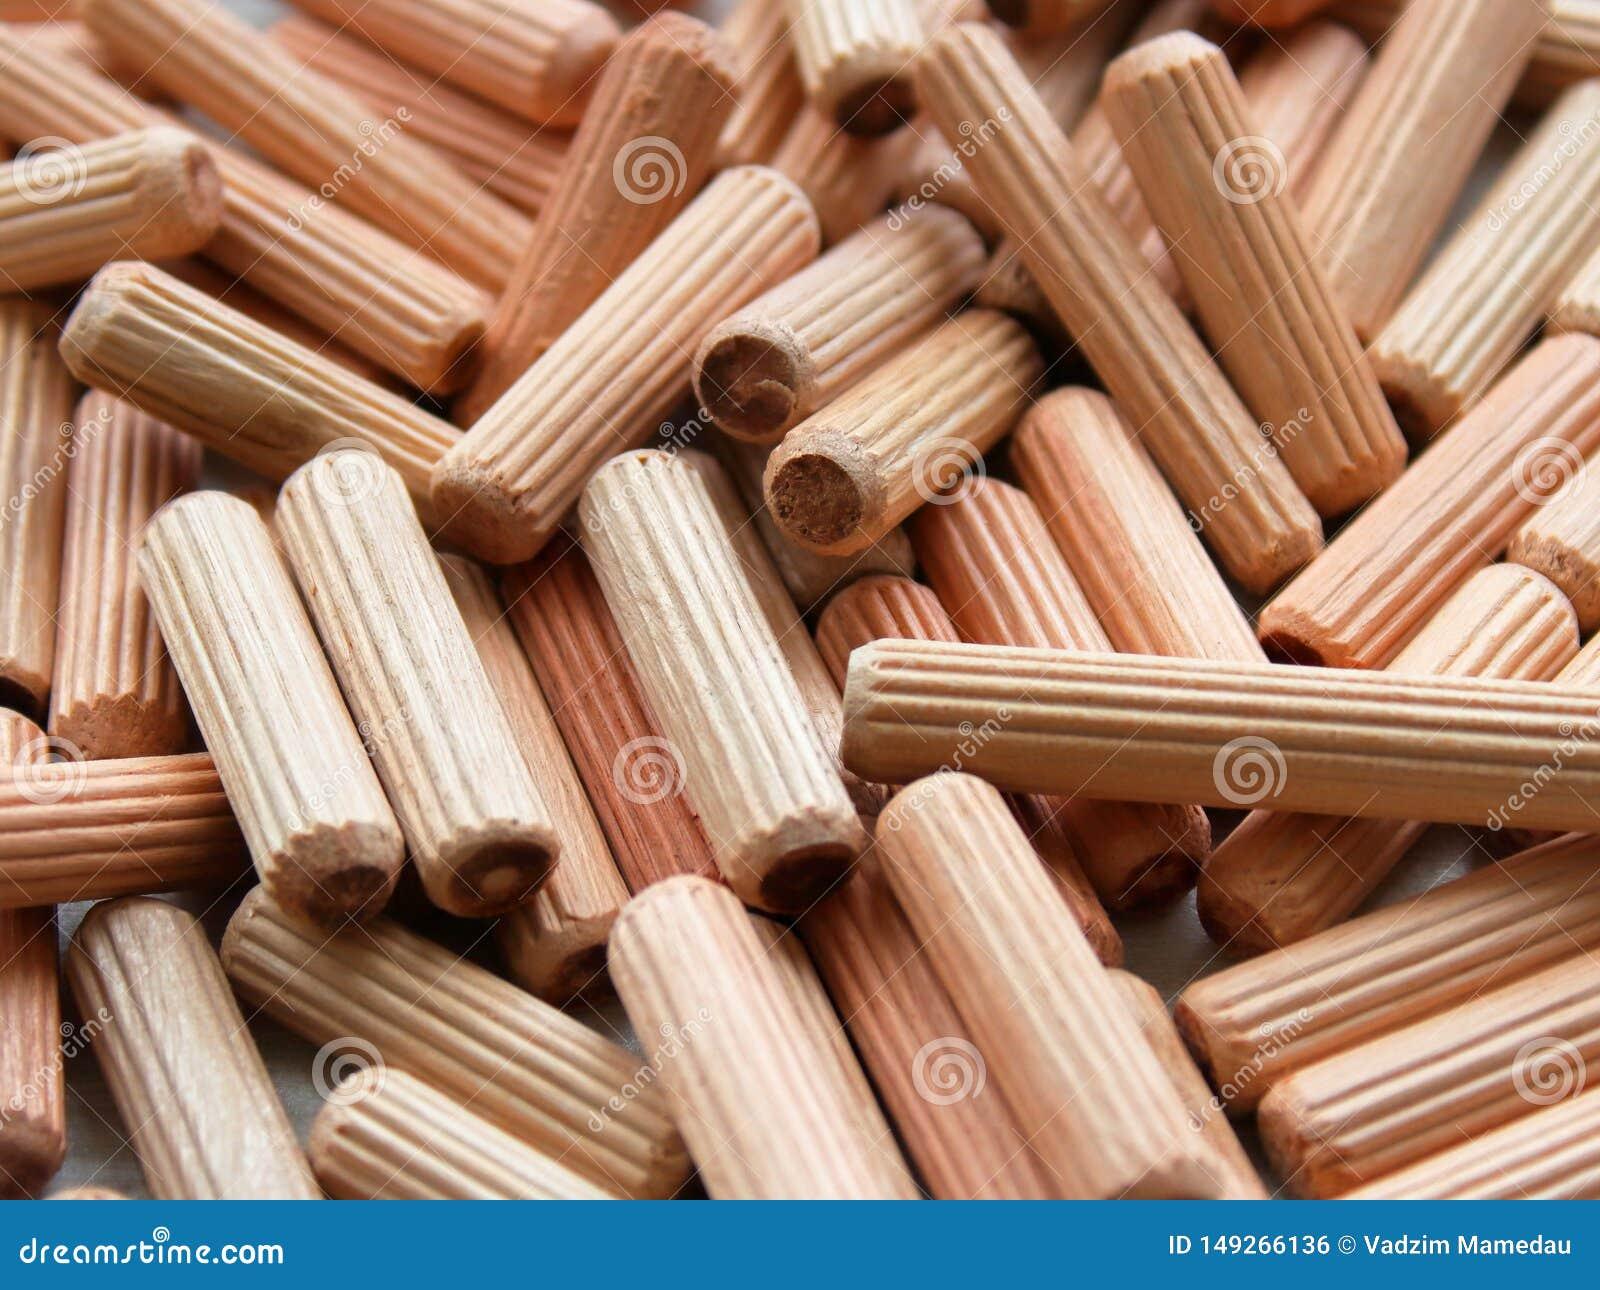 Beaucoup de doigts en bois donnent au fond une consistance rugueuse